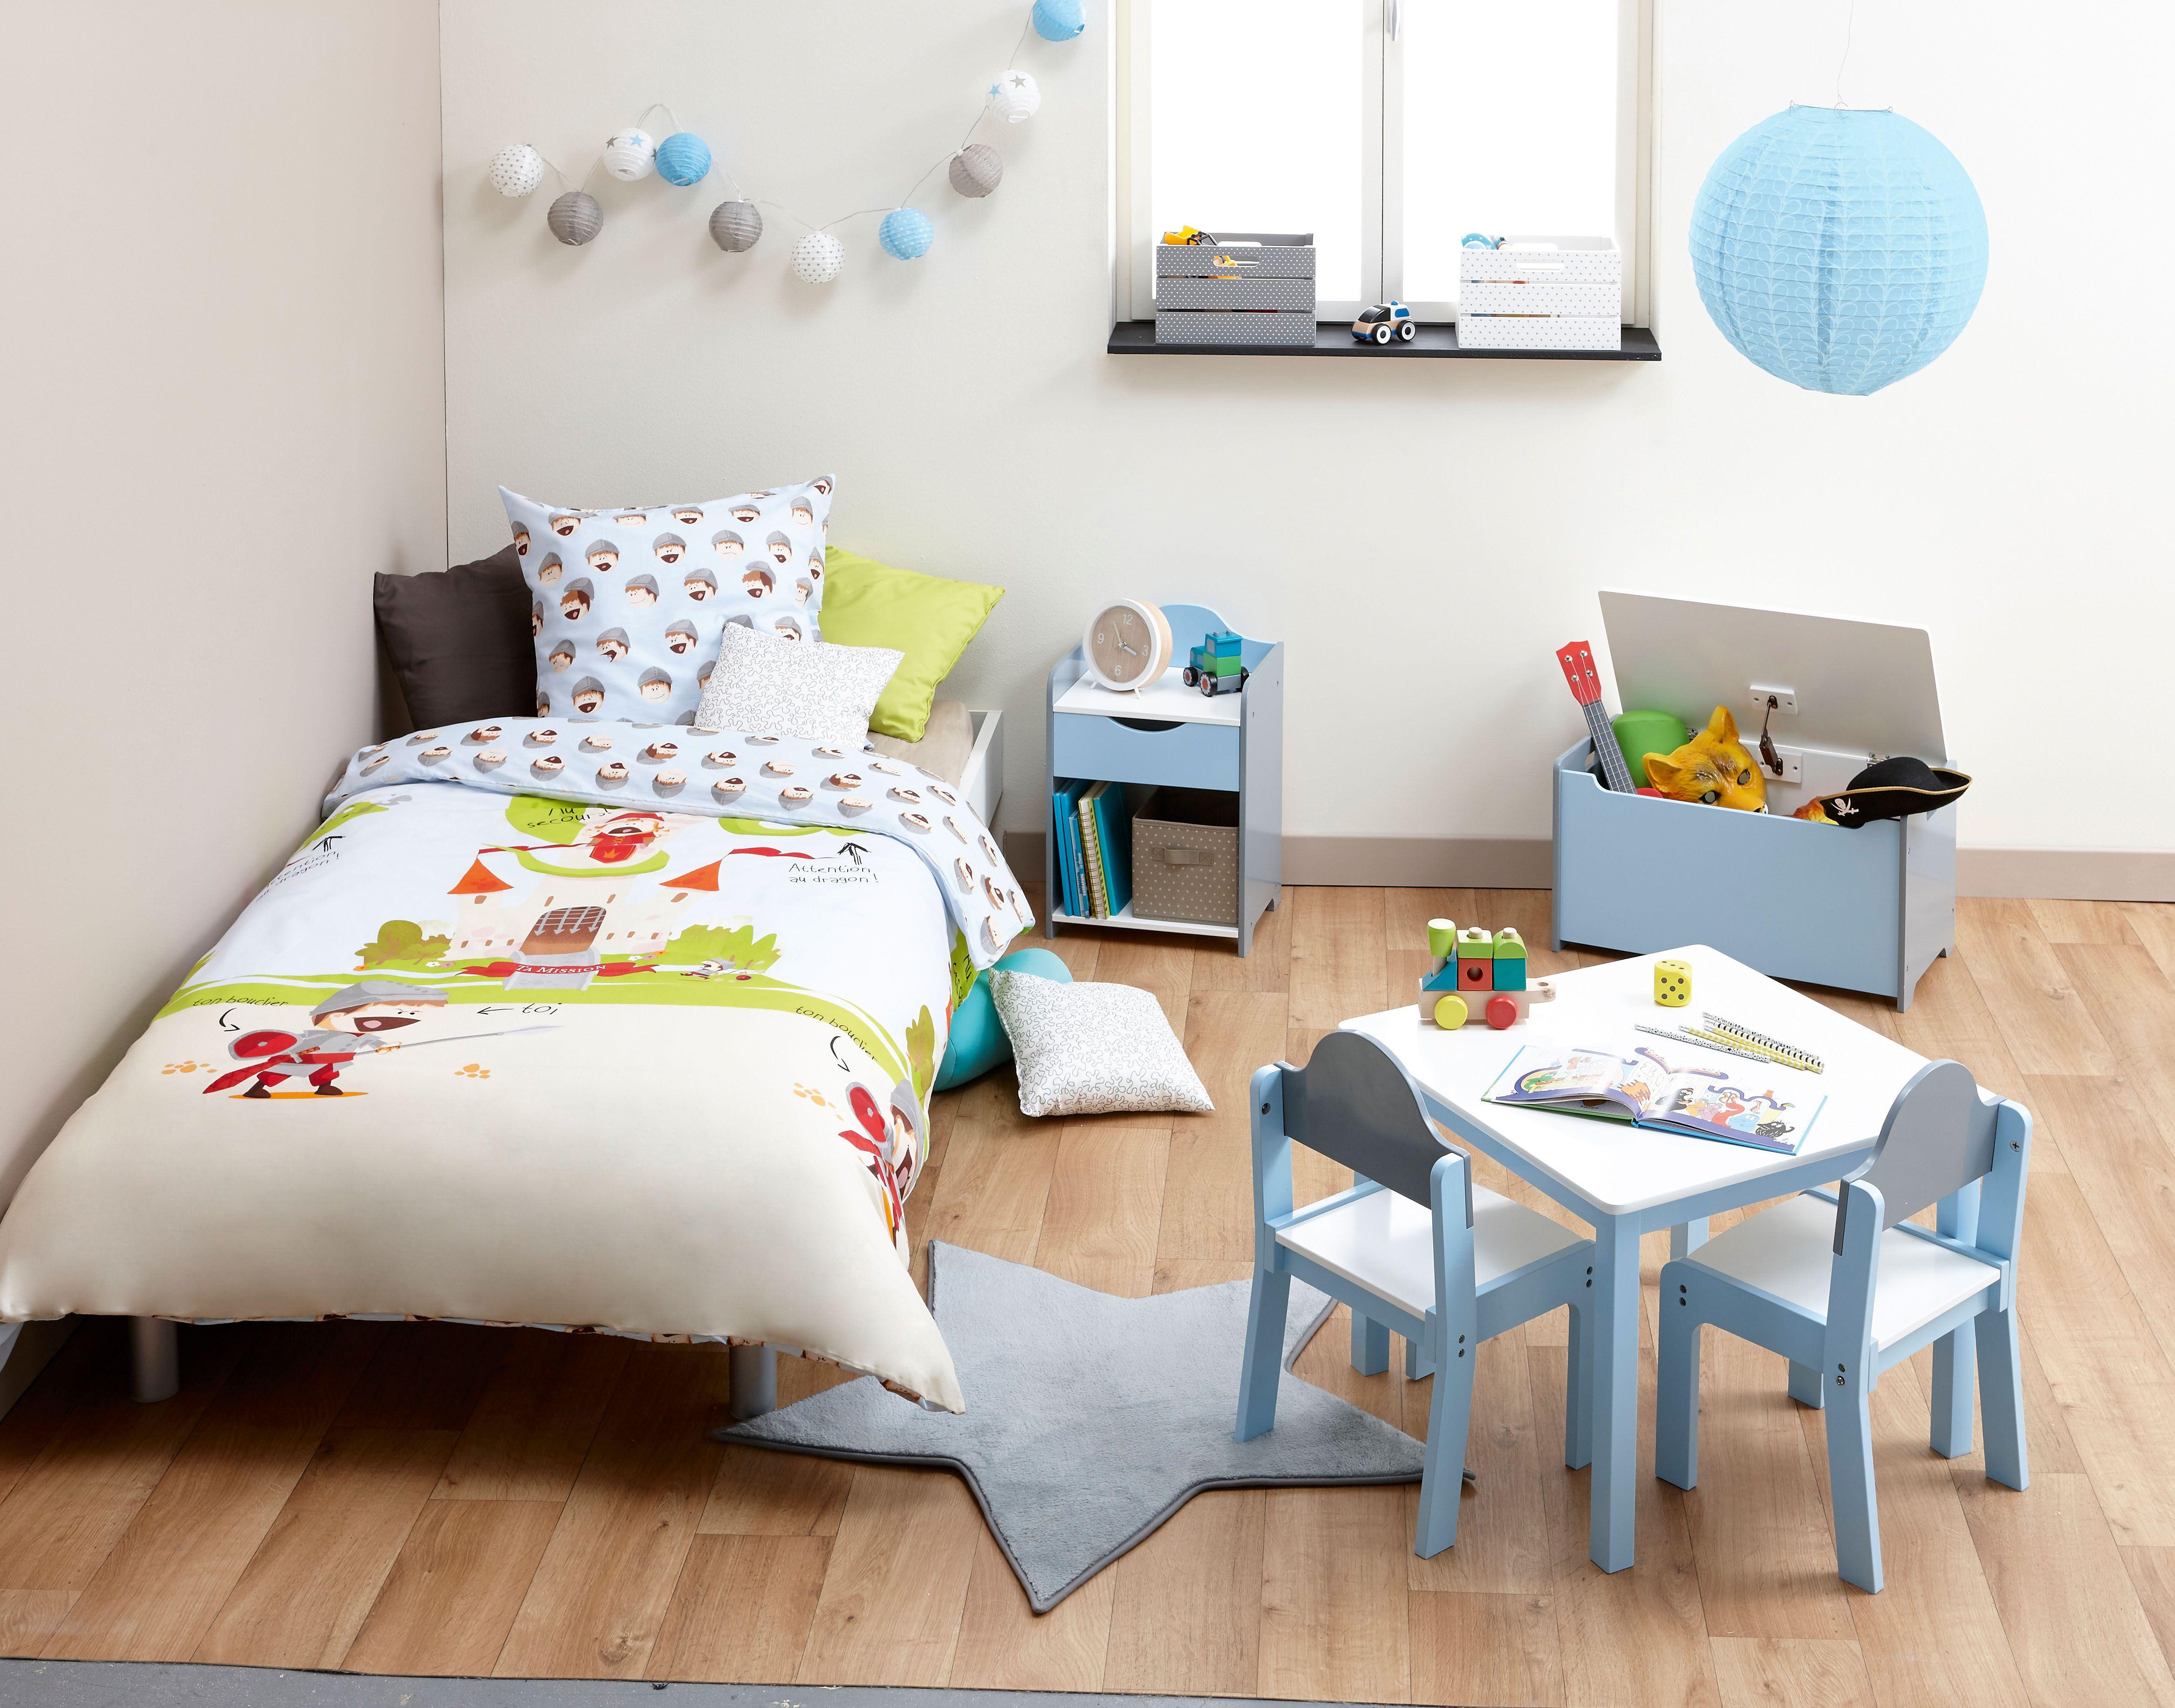 Chambre D Enfant Ambiance Home Story Guirlande Led Chevet Lanterne Coffre A Jouets Tapis Etoile Mobilier De Salon Tapis Etoile Chambre Enfant